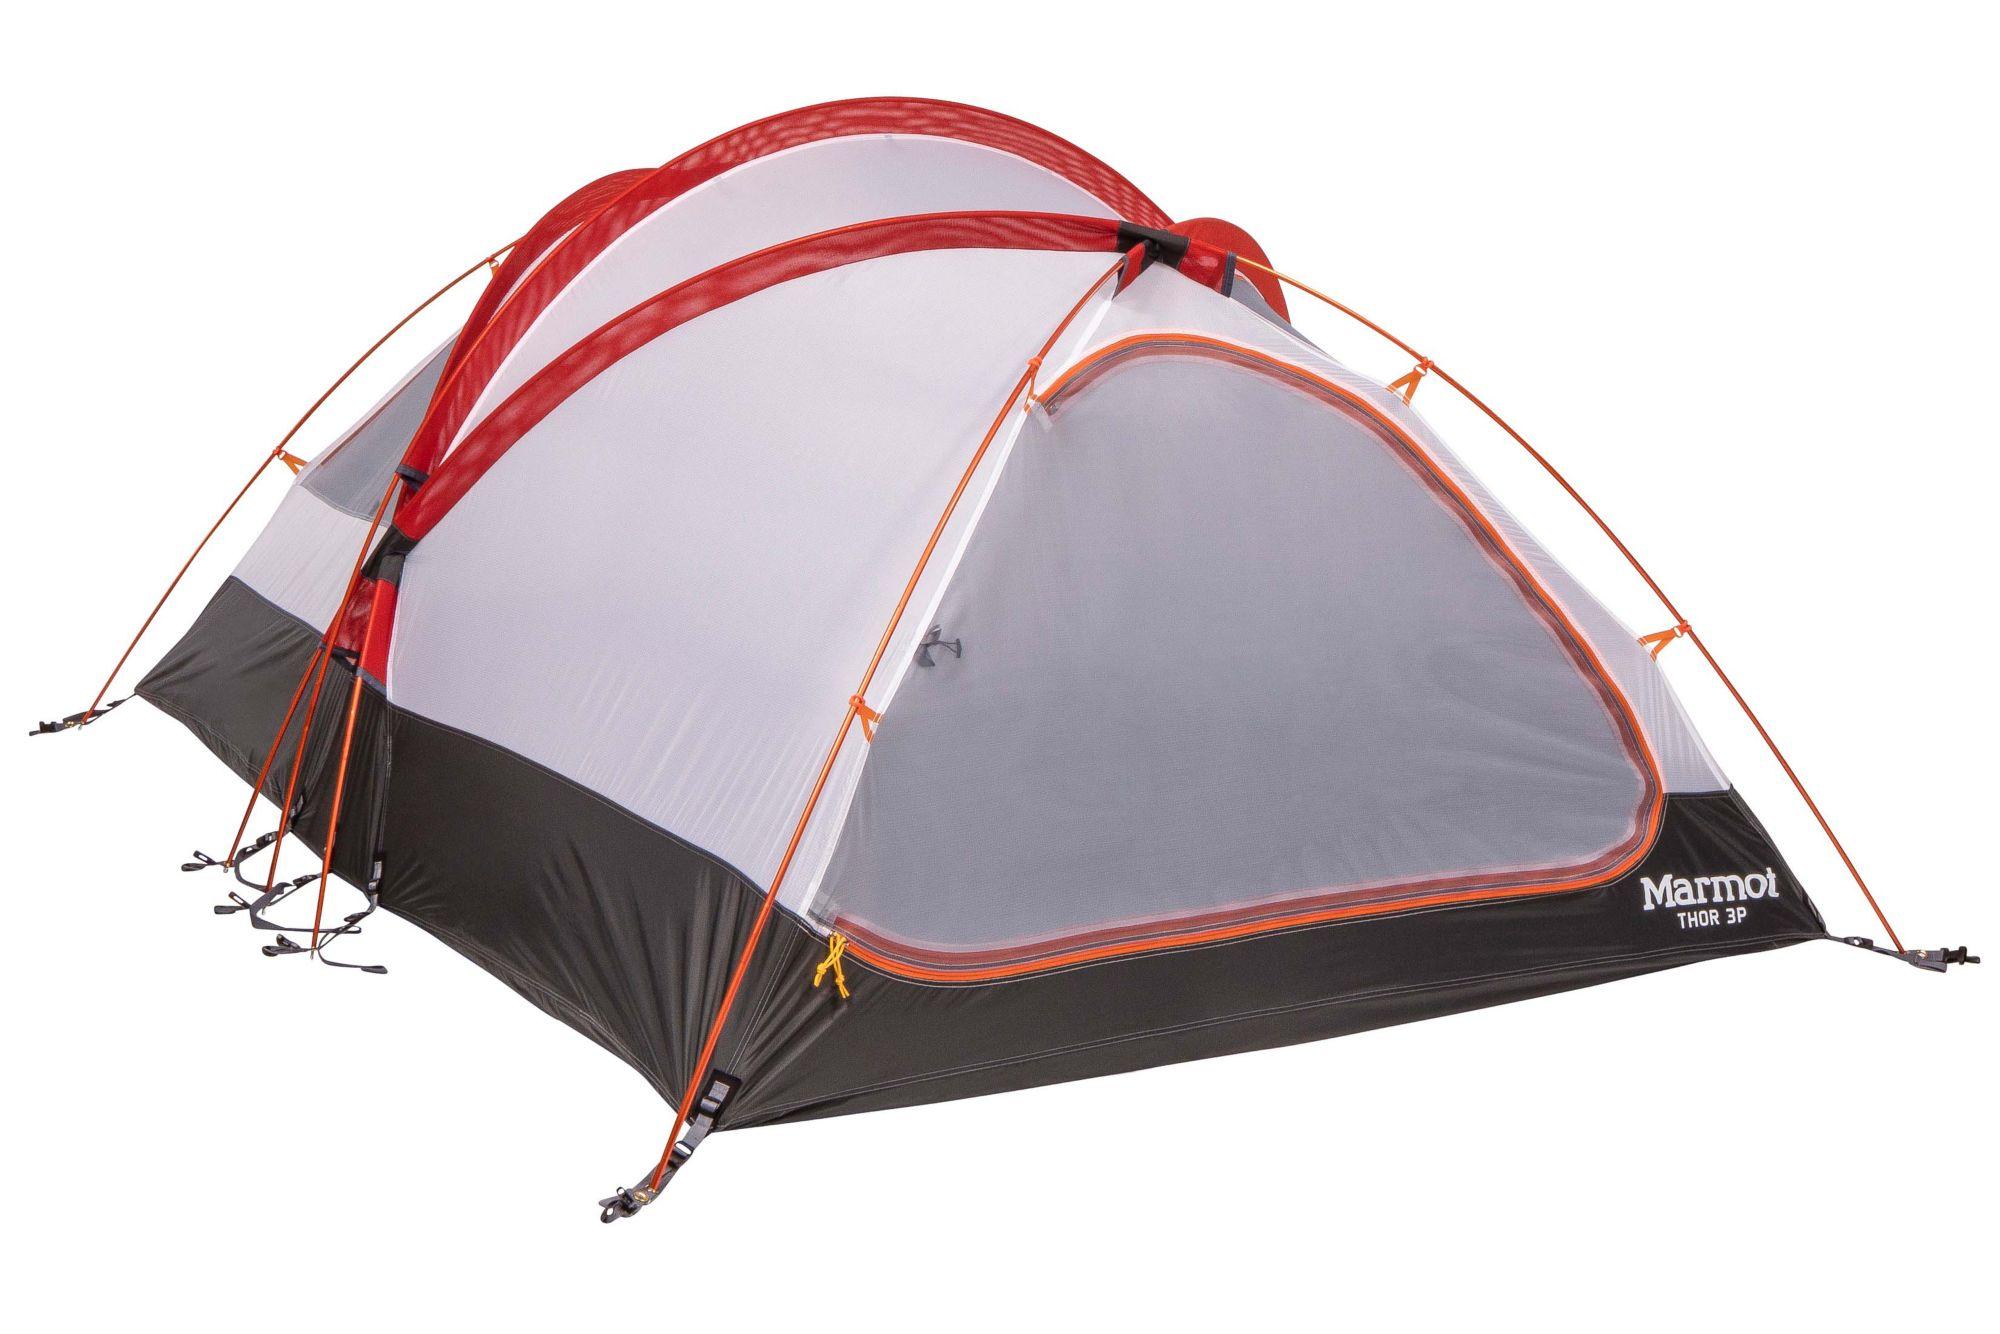 Thor 3P Blaze medium  sc 1 st  Marmot & 3 Person Tents / Tents / Equipment | Marmot.com